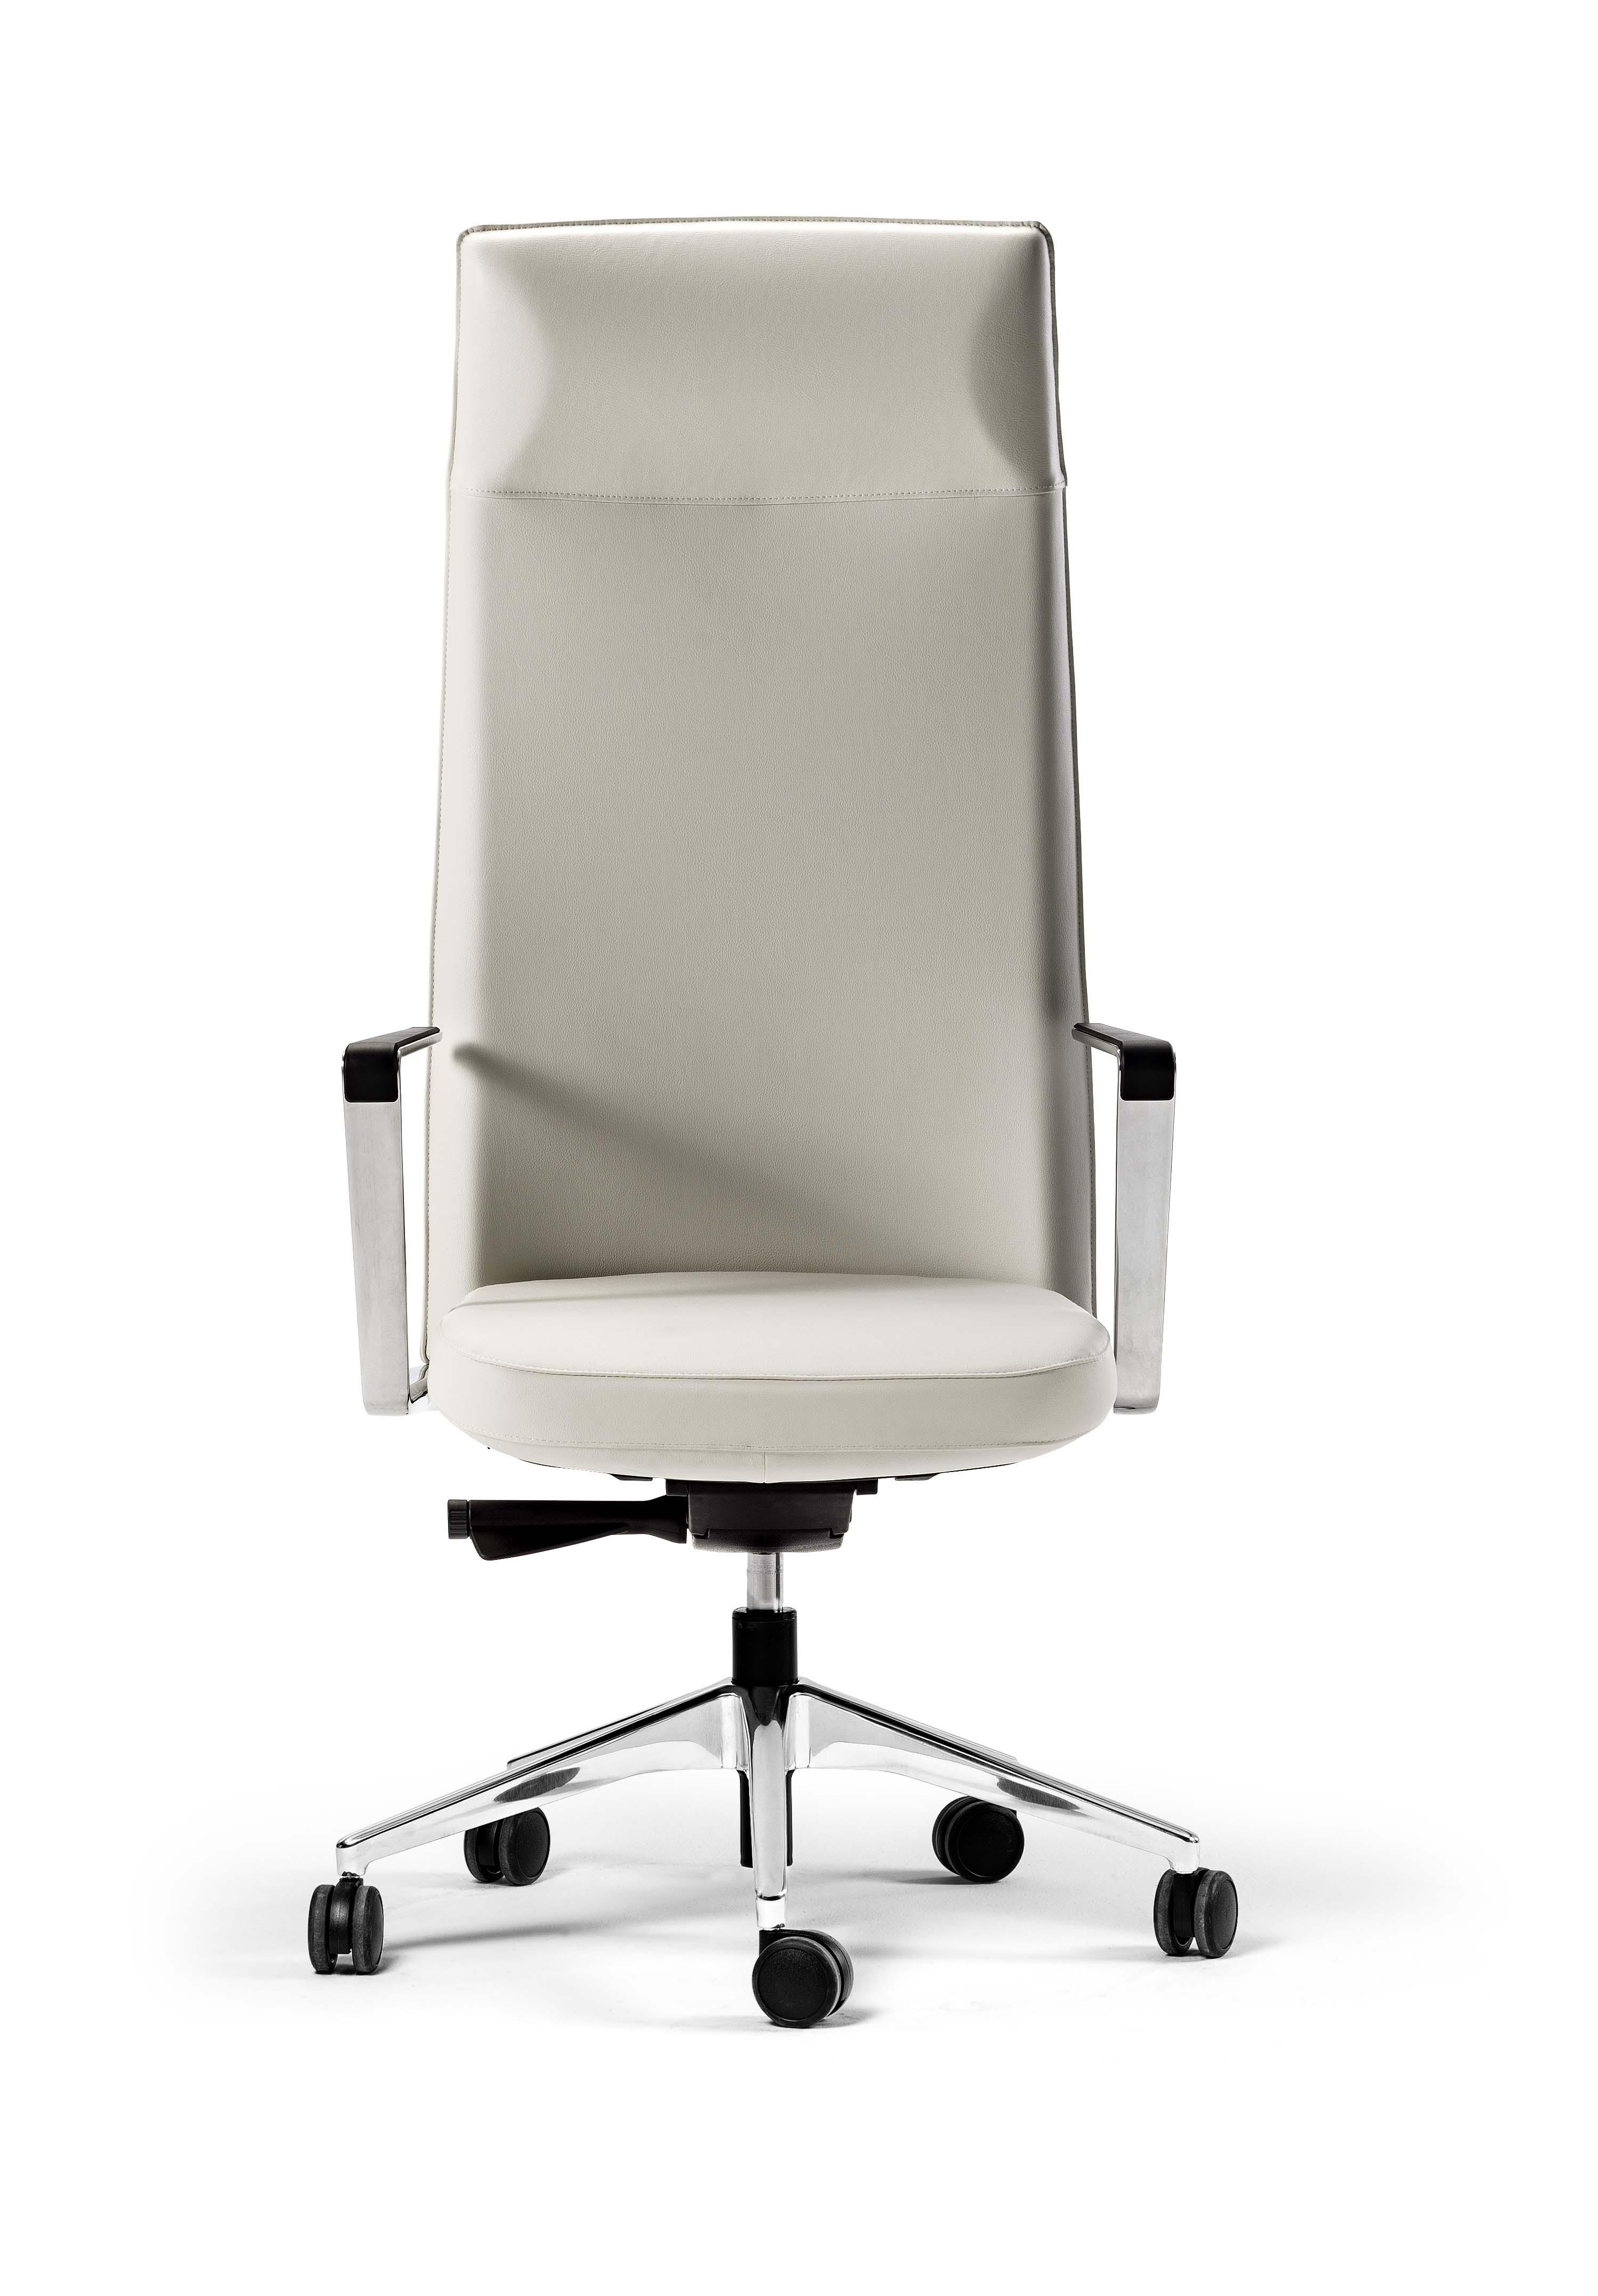 Sillas de despacho cron muebles de oficina spacio for Sillas anatomicas oficina